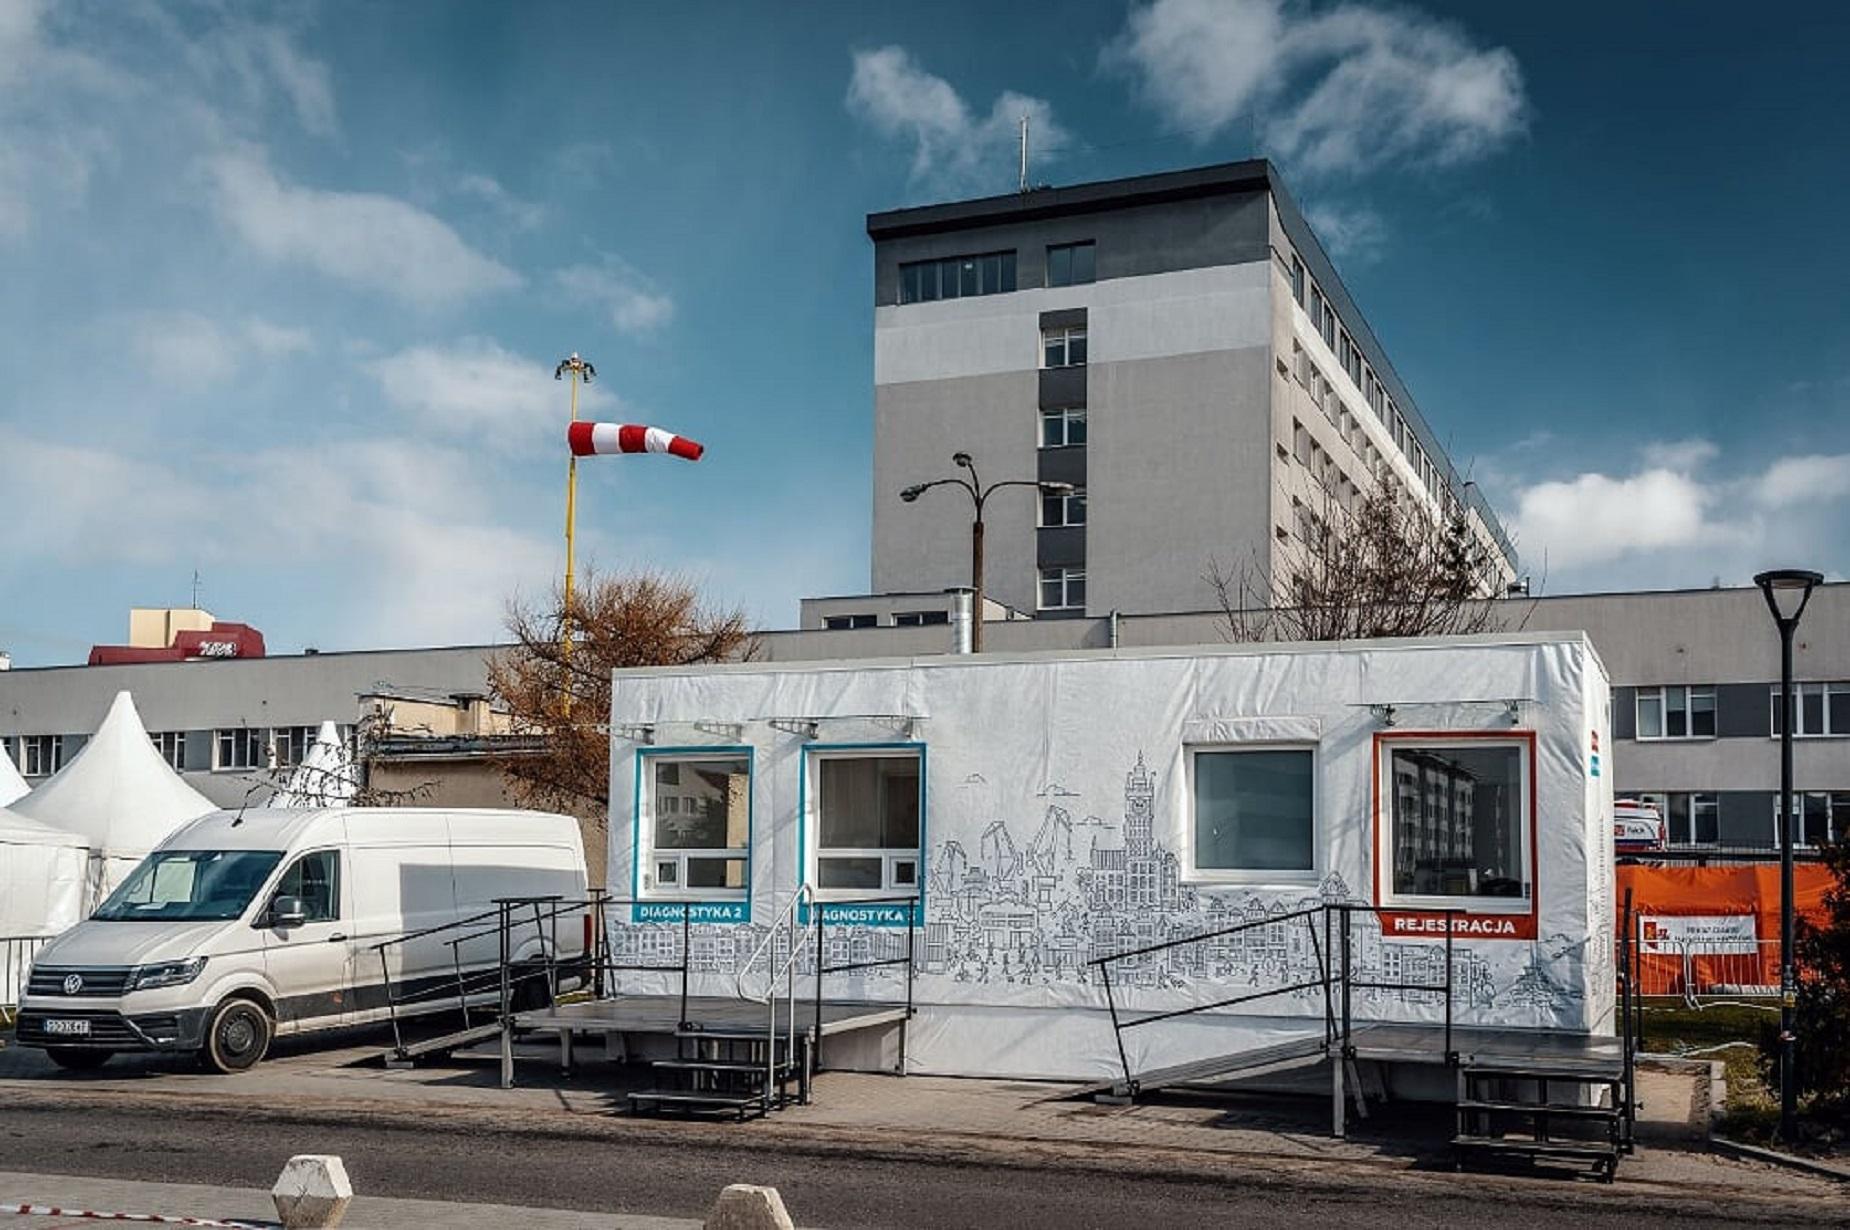 Moduł diagnostyczny do testów na COVID-19 przy szpitalu na gdańskiej Zaspie. To pierwszy taki obiekt w Polsce